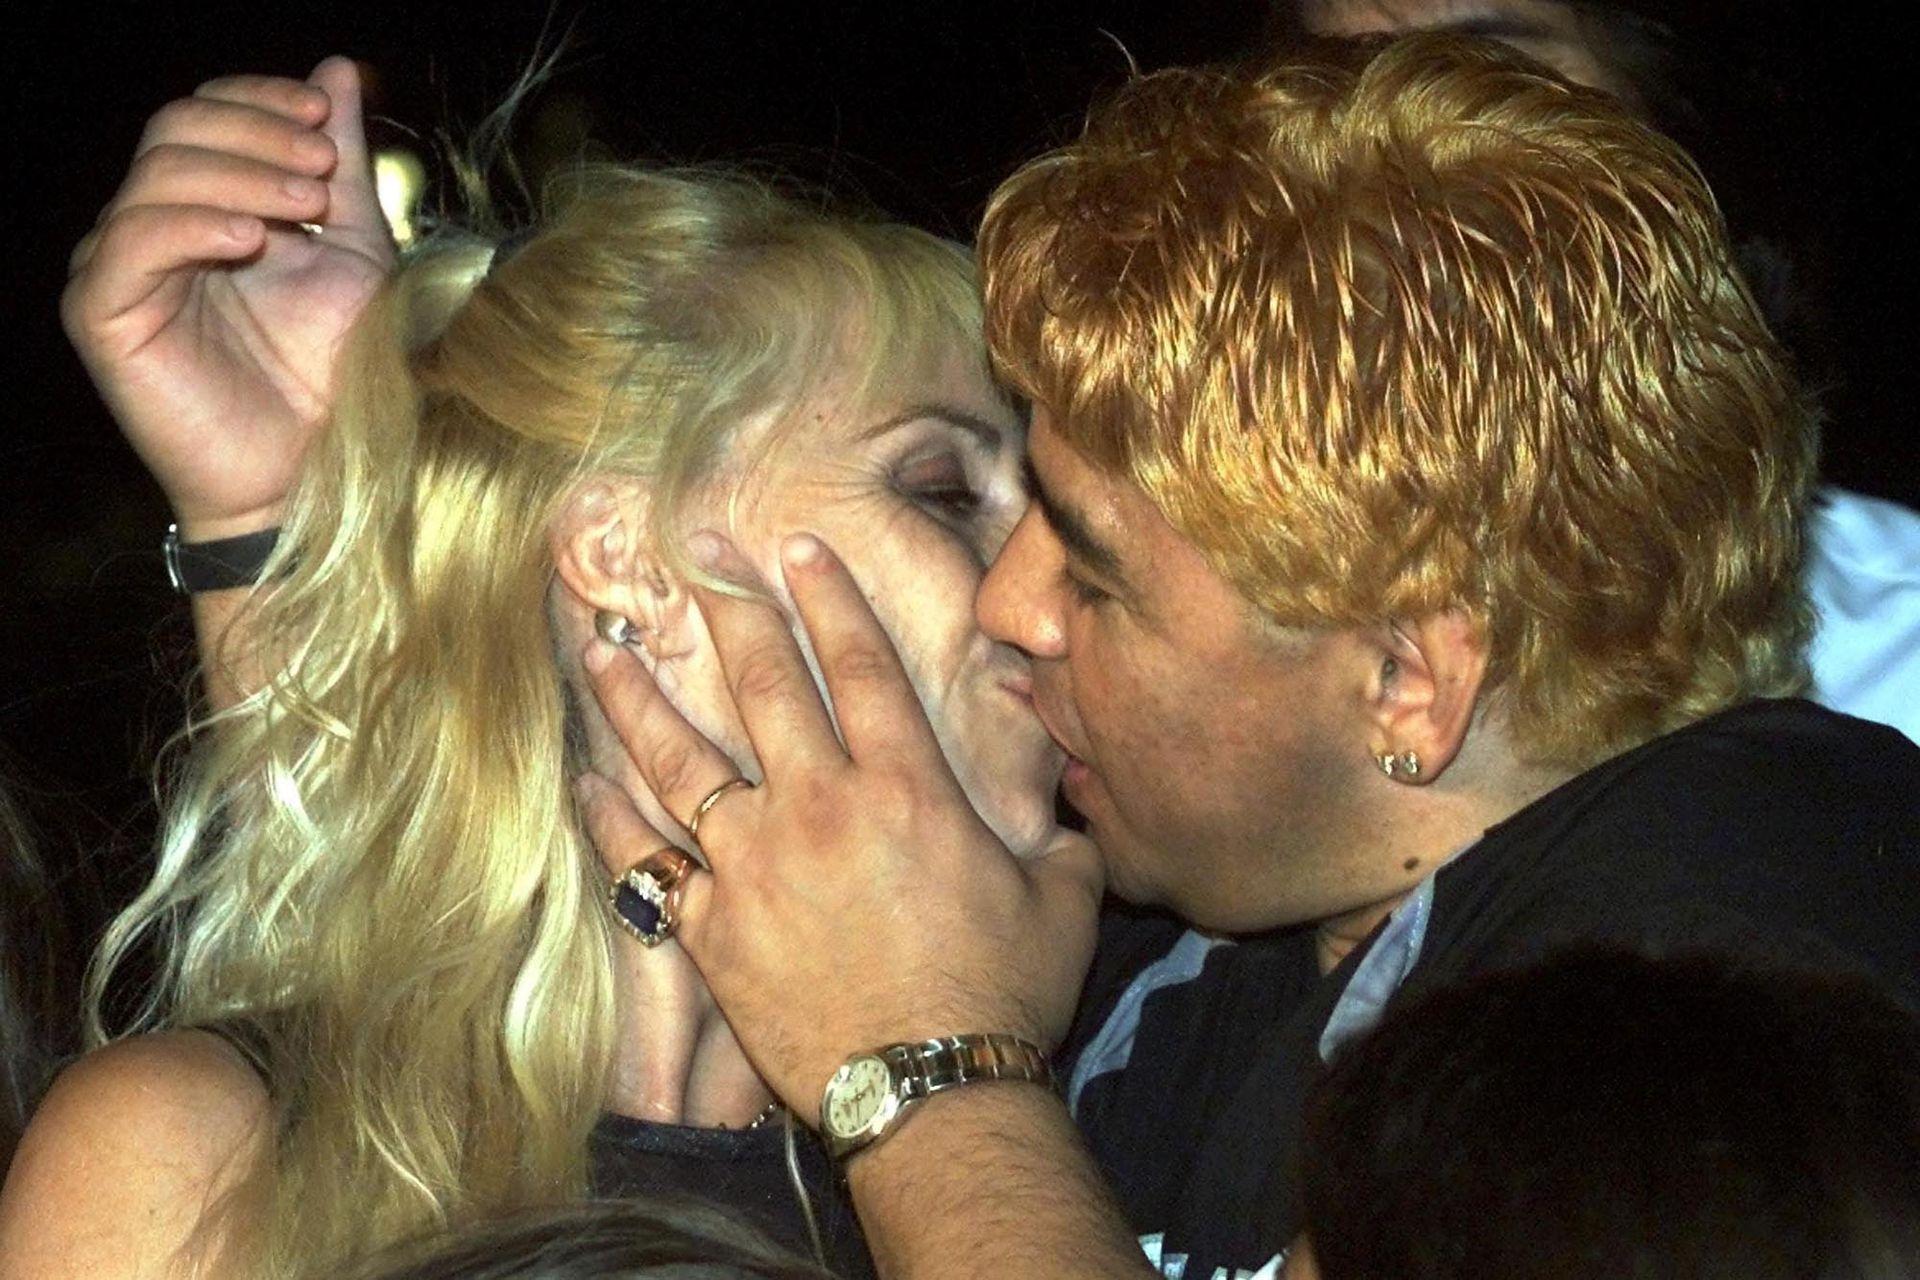 Un beso apasionado durante la internación de Maradona en Cuba